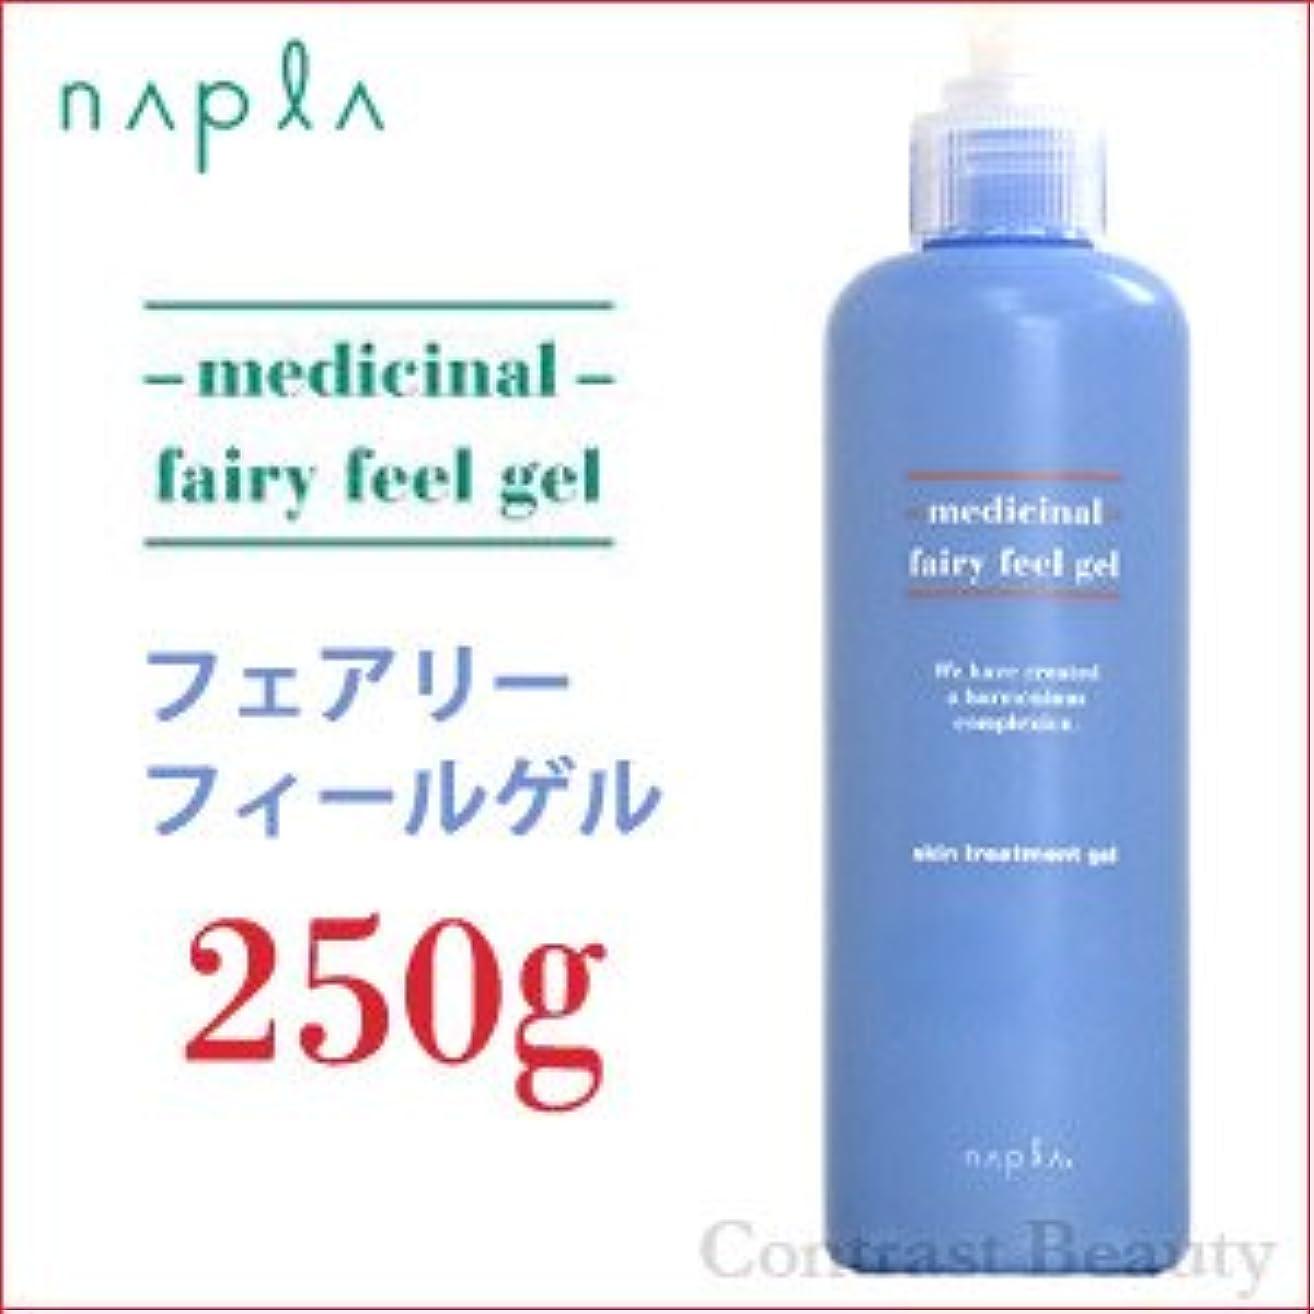 地平線タイプシャー【X4個セット】 ナプラ 薬用フェアリーフィールゲル 250g